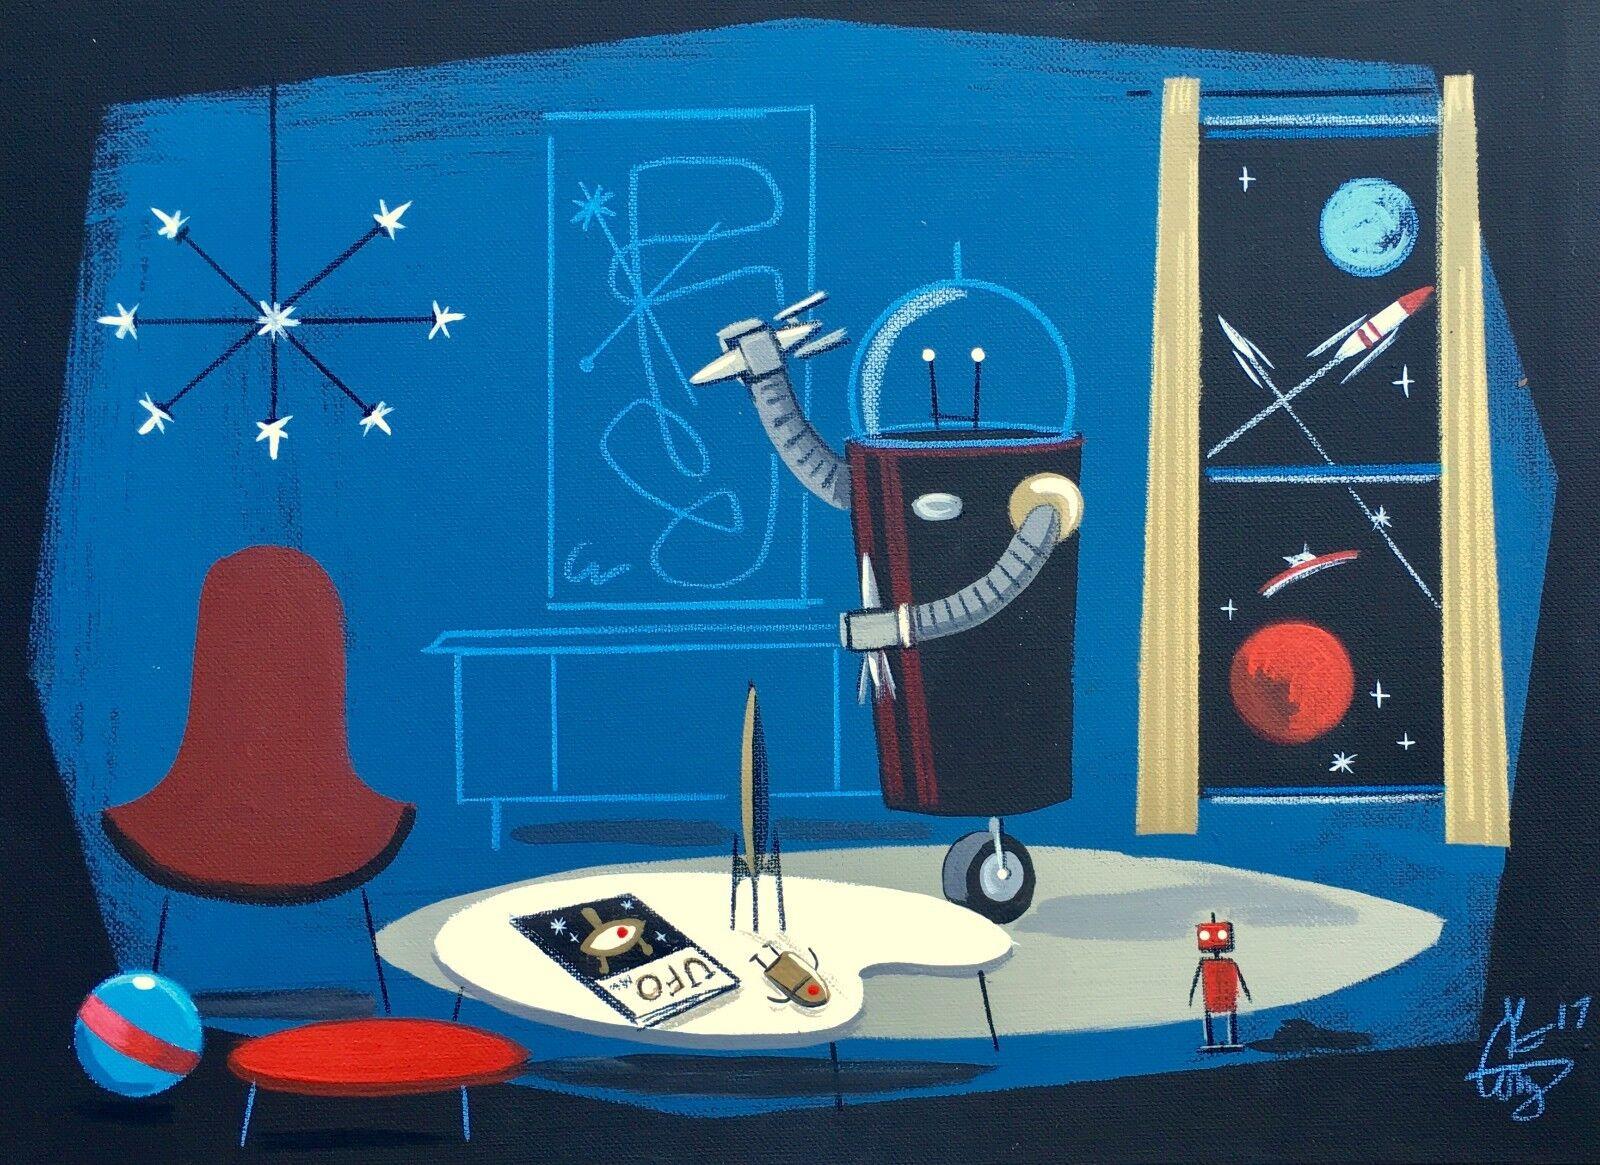 EL GATO GOMEZ RETRO SCI-FI OUTER SPACE ROBOT TOY MID CENTURY MODERN 50'S  PRINT